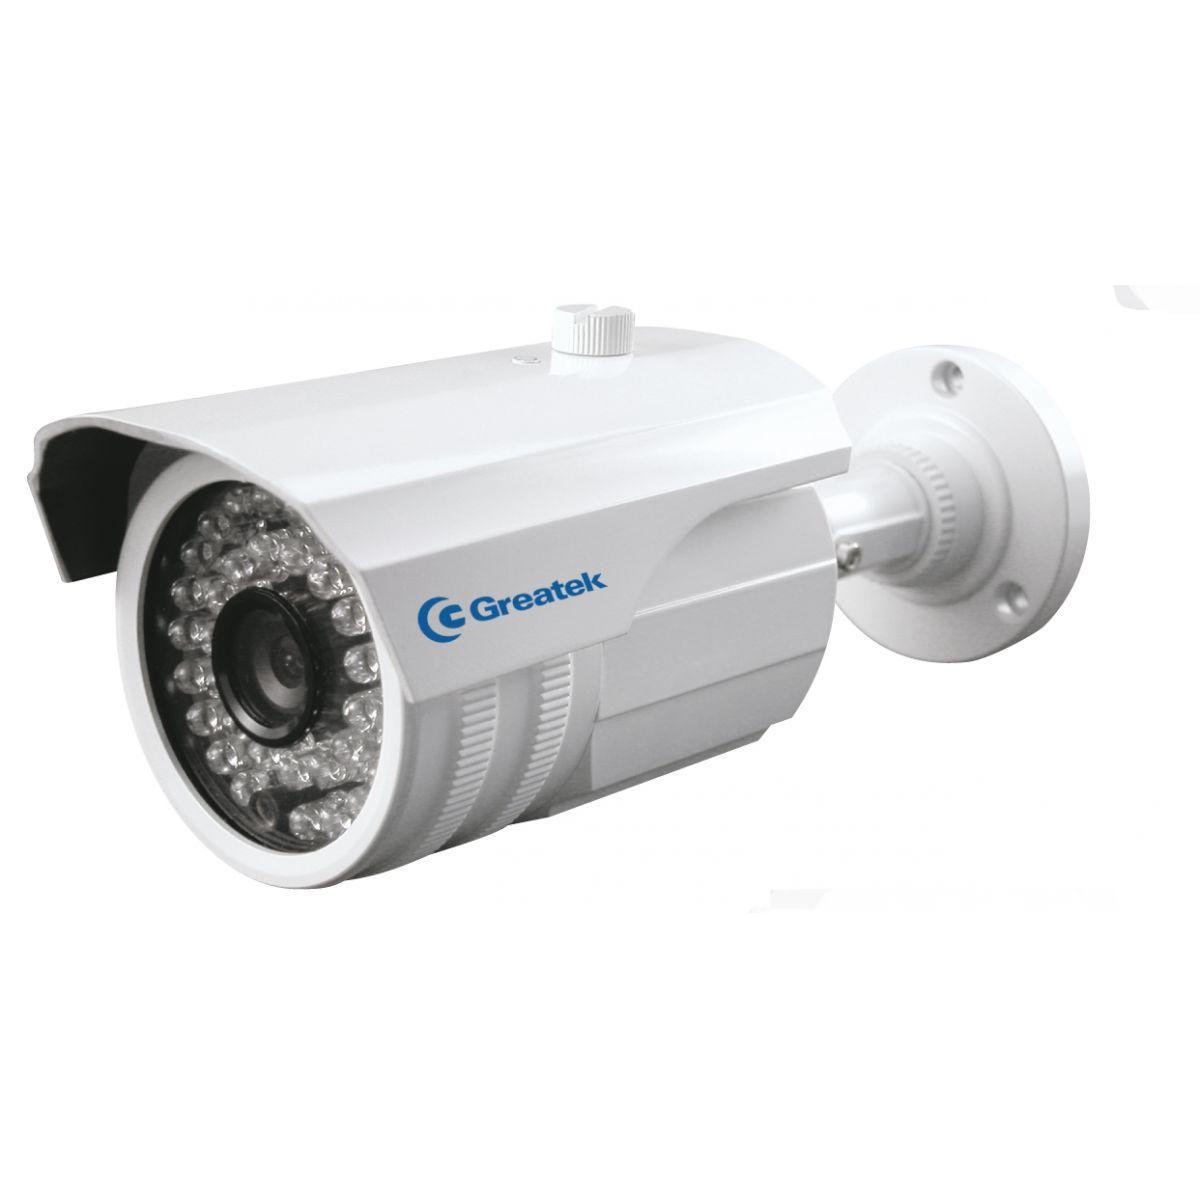 Câmera IR Externa Greatek 30 metros 760 linhas lente 3,6mm - SEGC-7633G